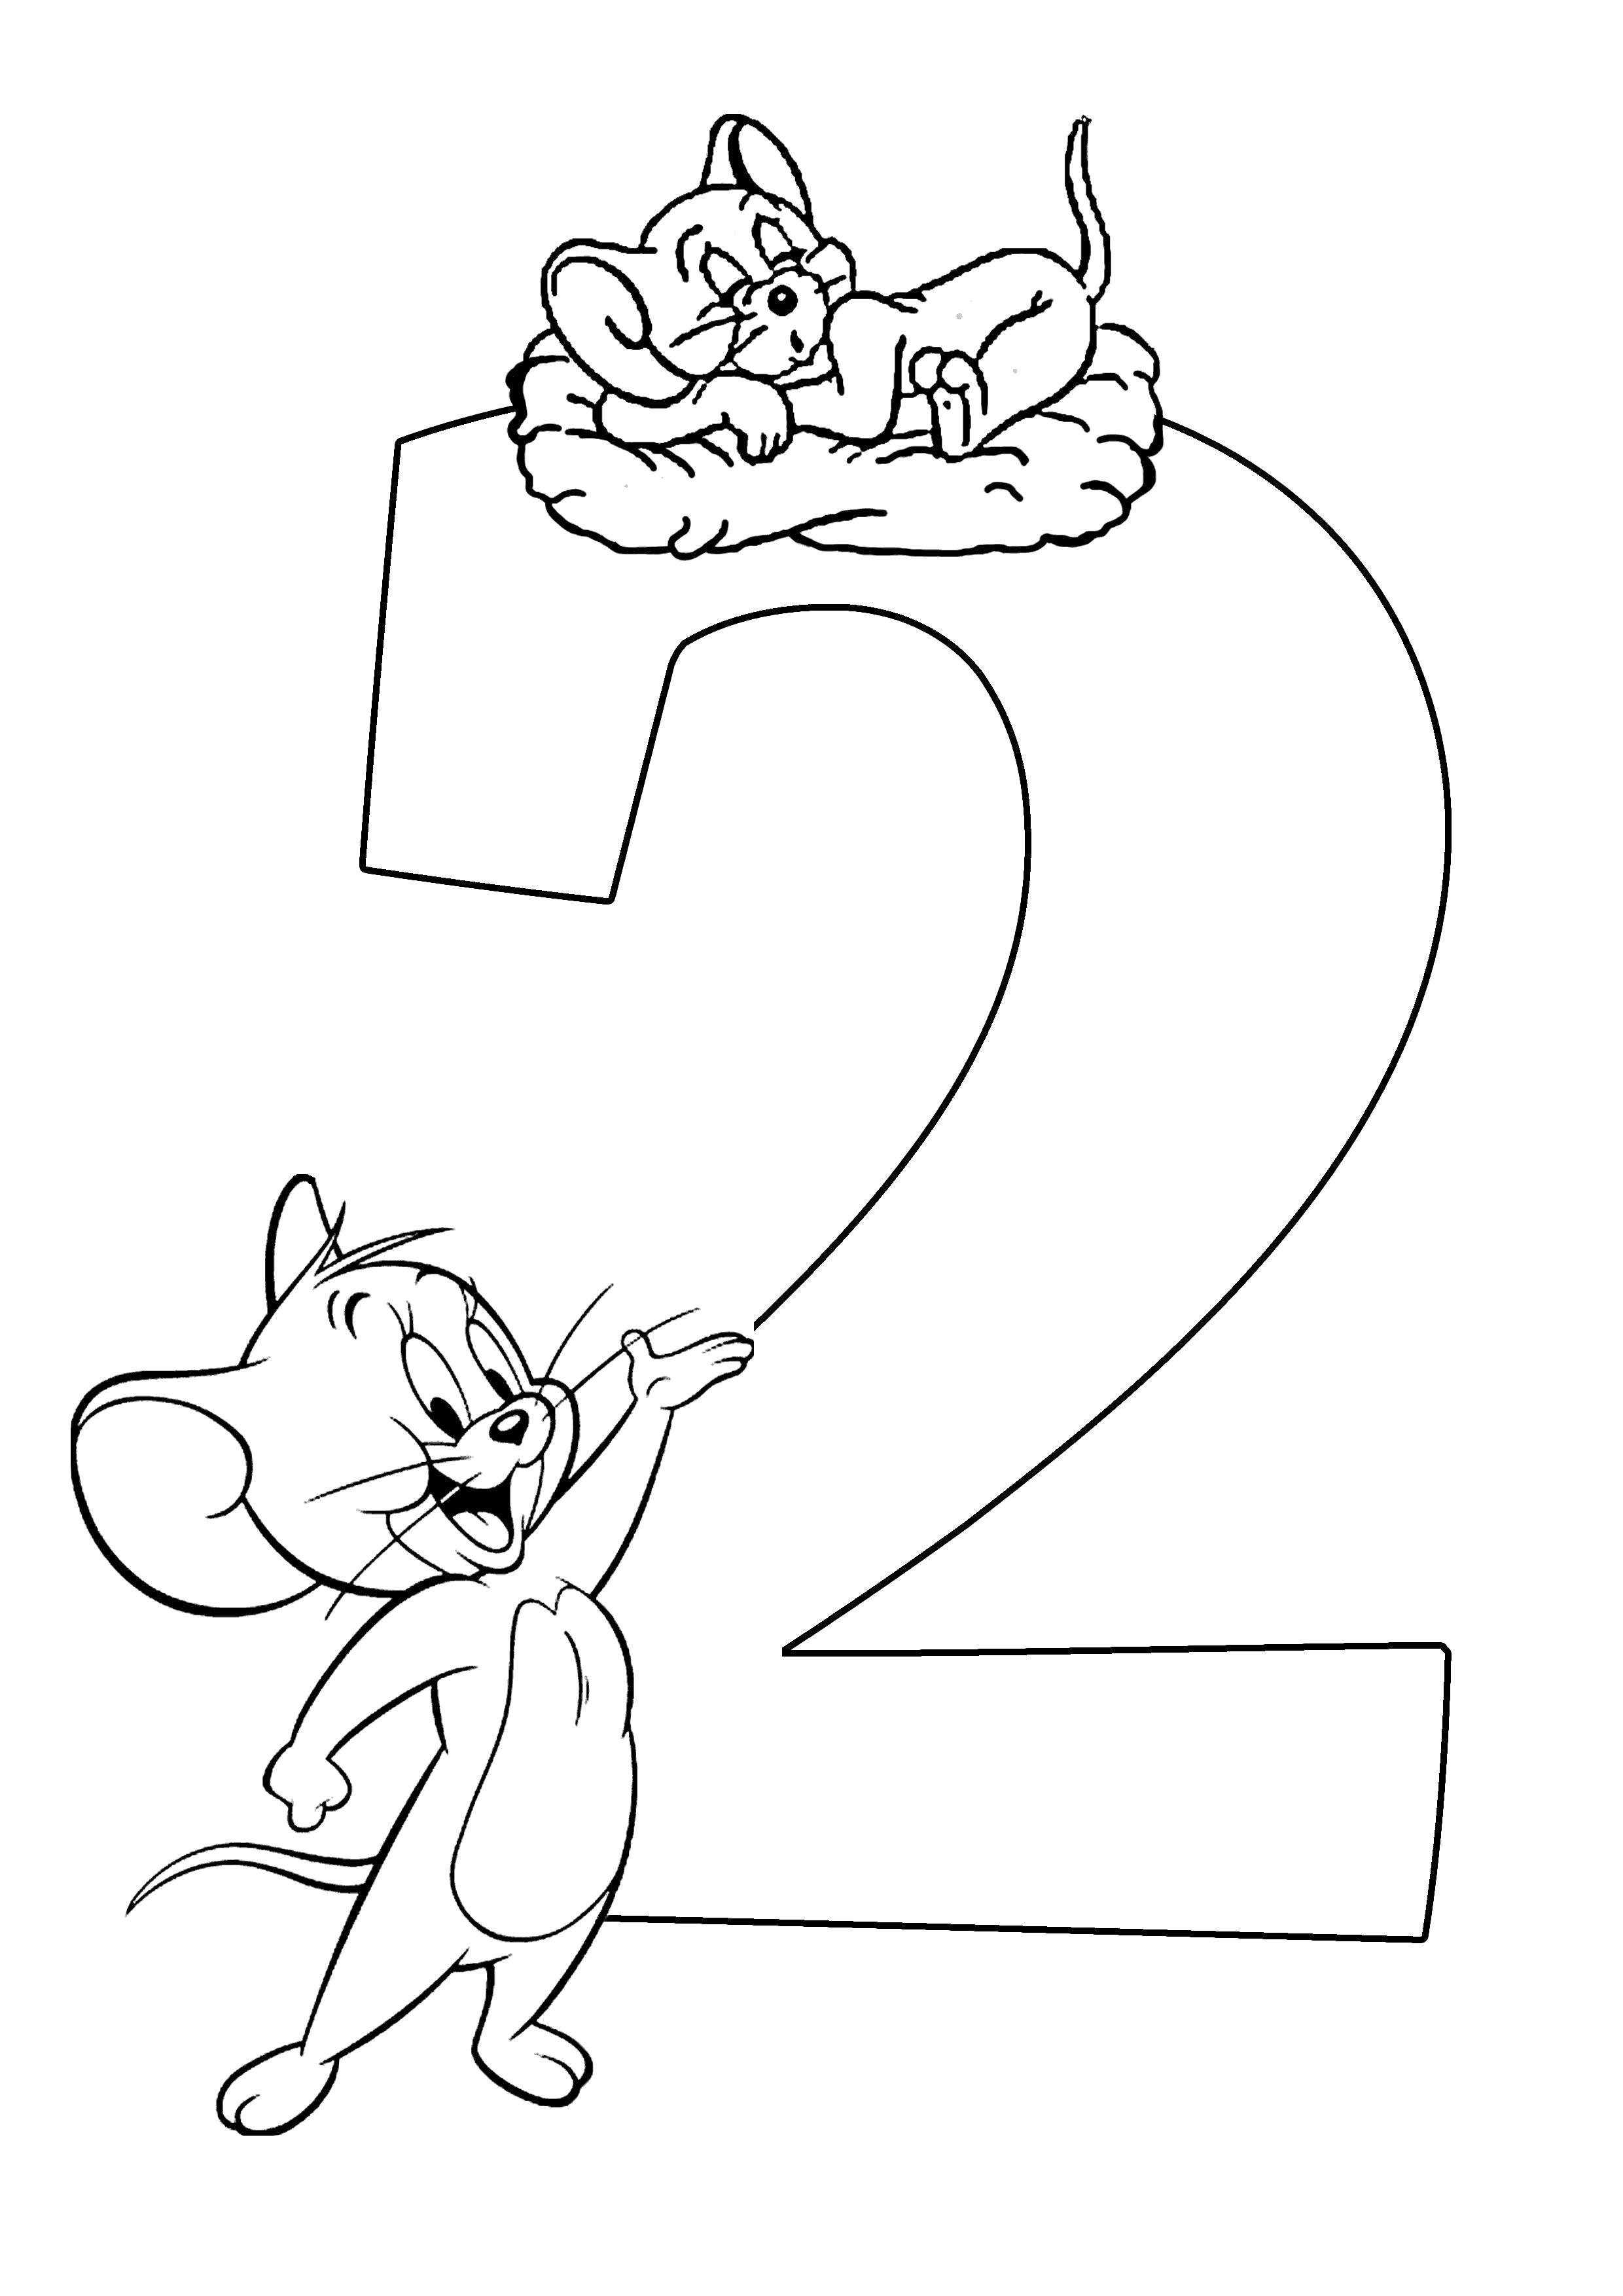 Раскраска Веселый счет две мышки. Скачать с цифрами.  Распечатать с цифрами